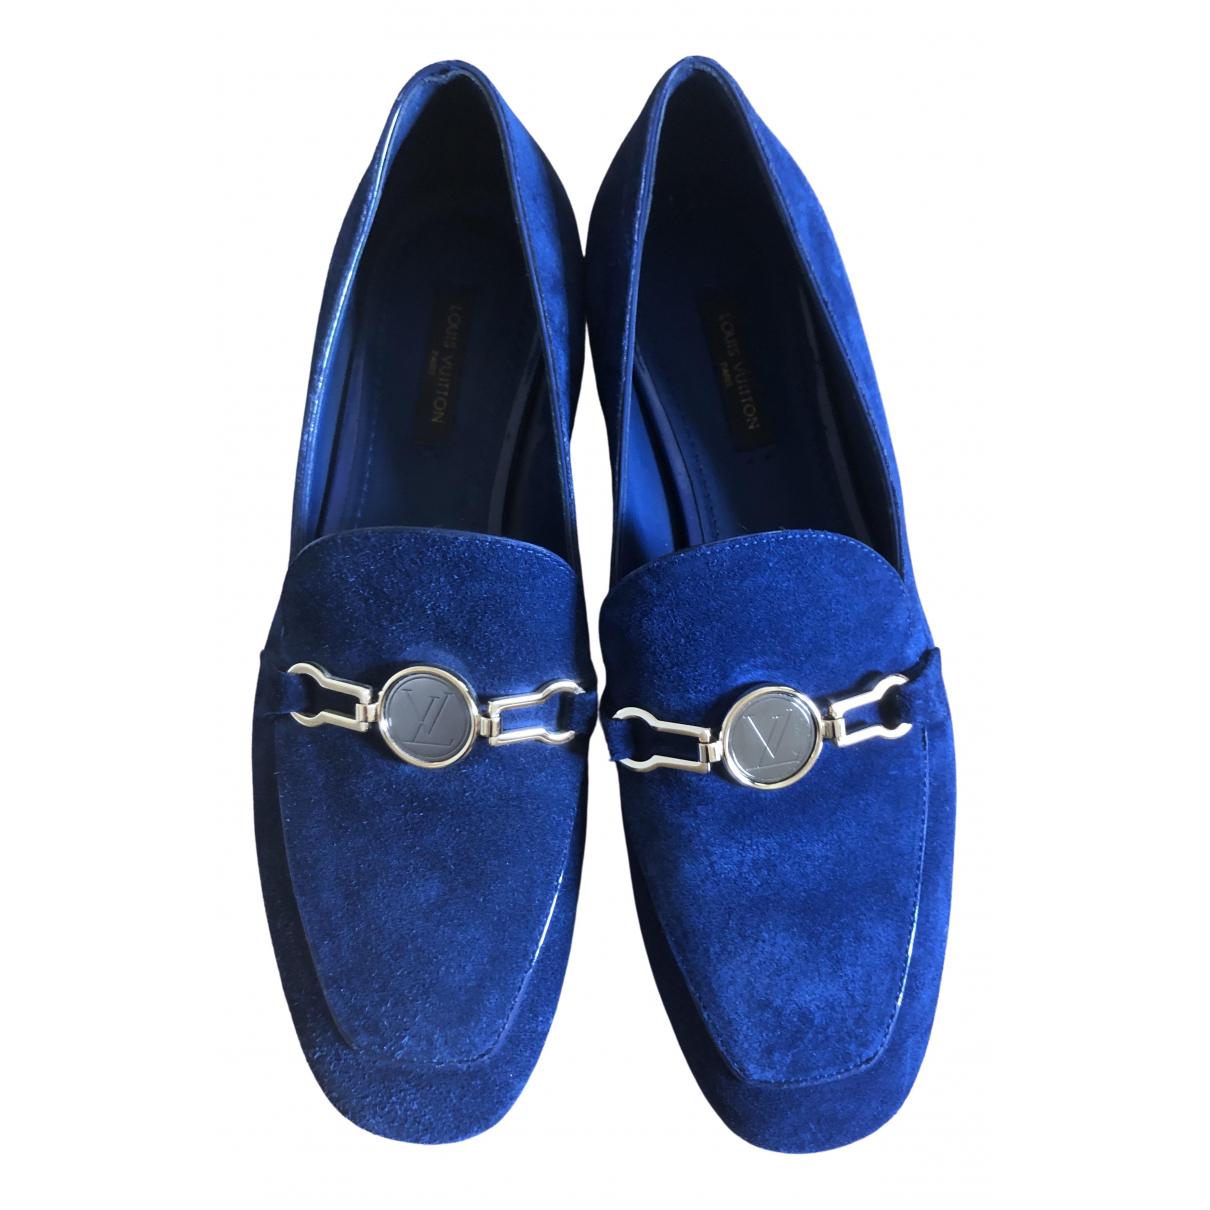 Louis Vuitton \N Blue Suede Flats for Women 36 EU